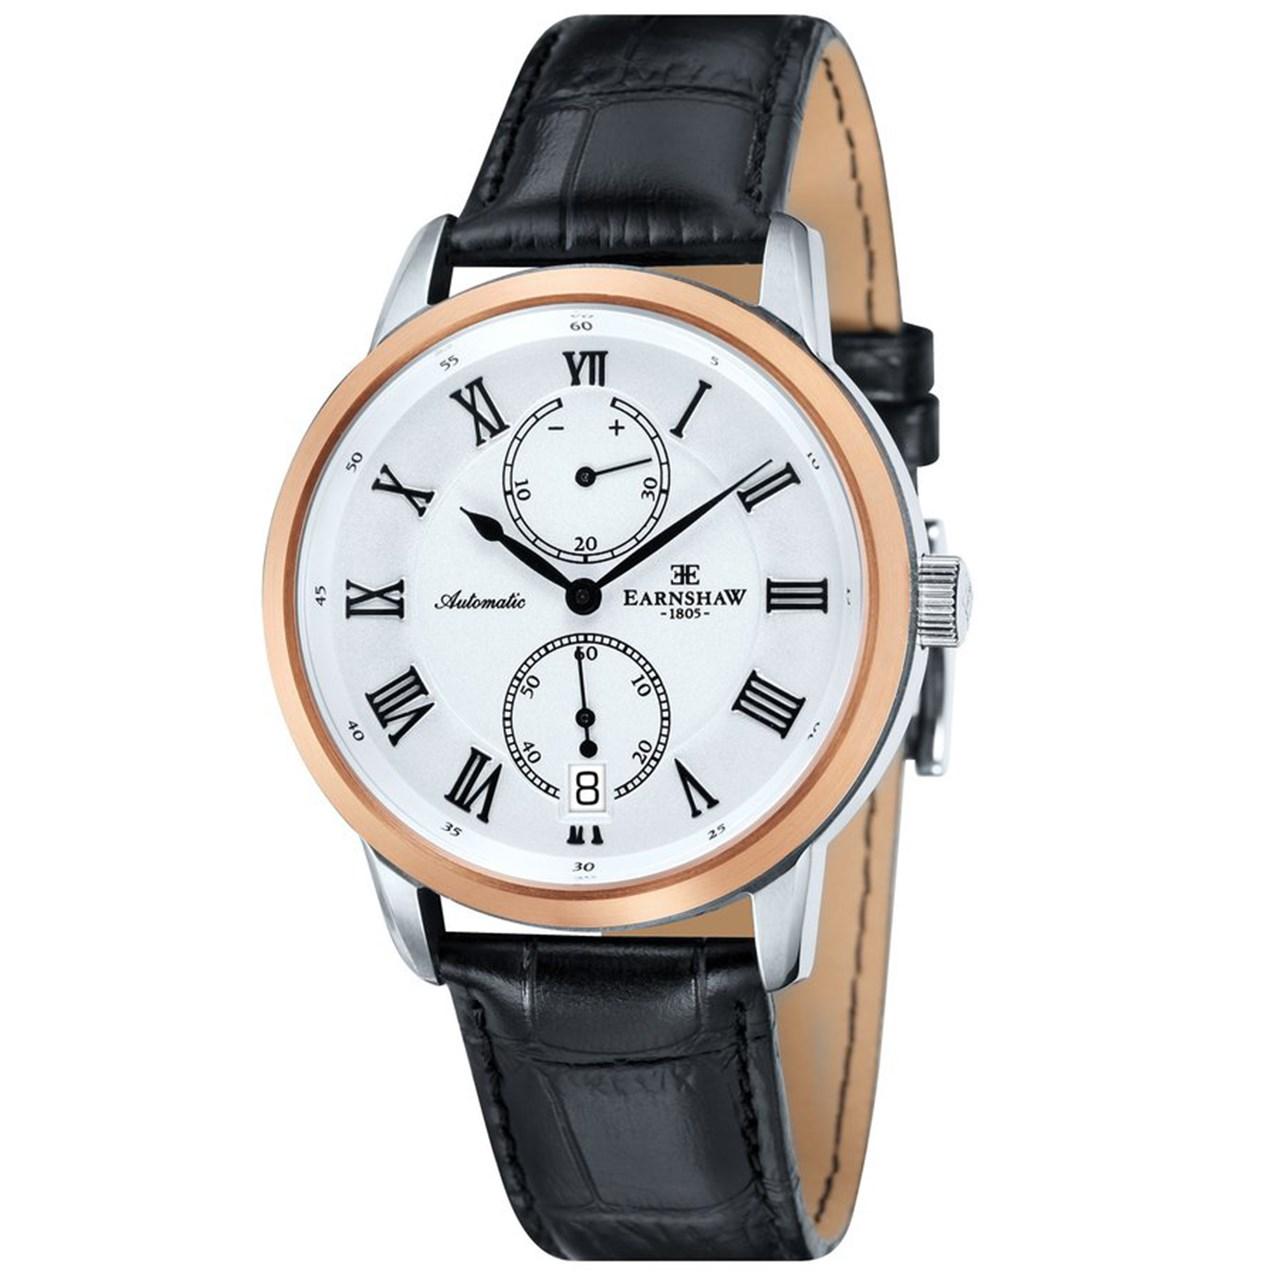 ساعت مچی عقربه ای مردانه ارنشا مدل ES-8035-02 24